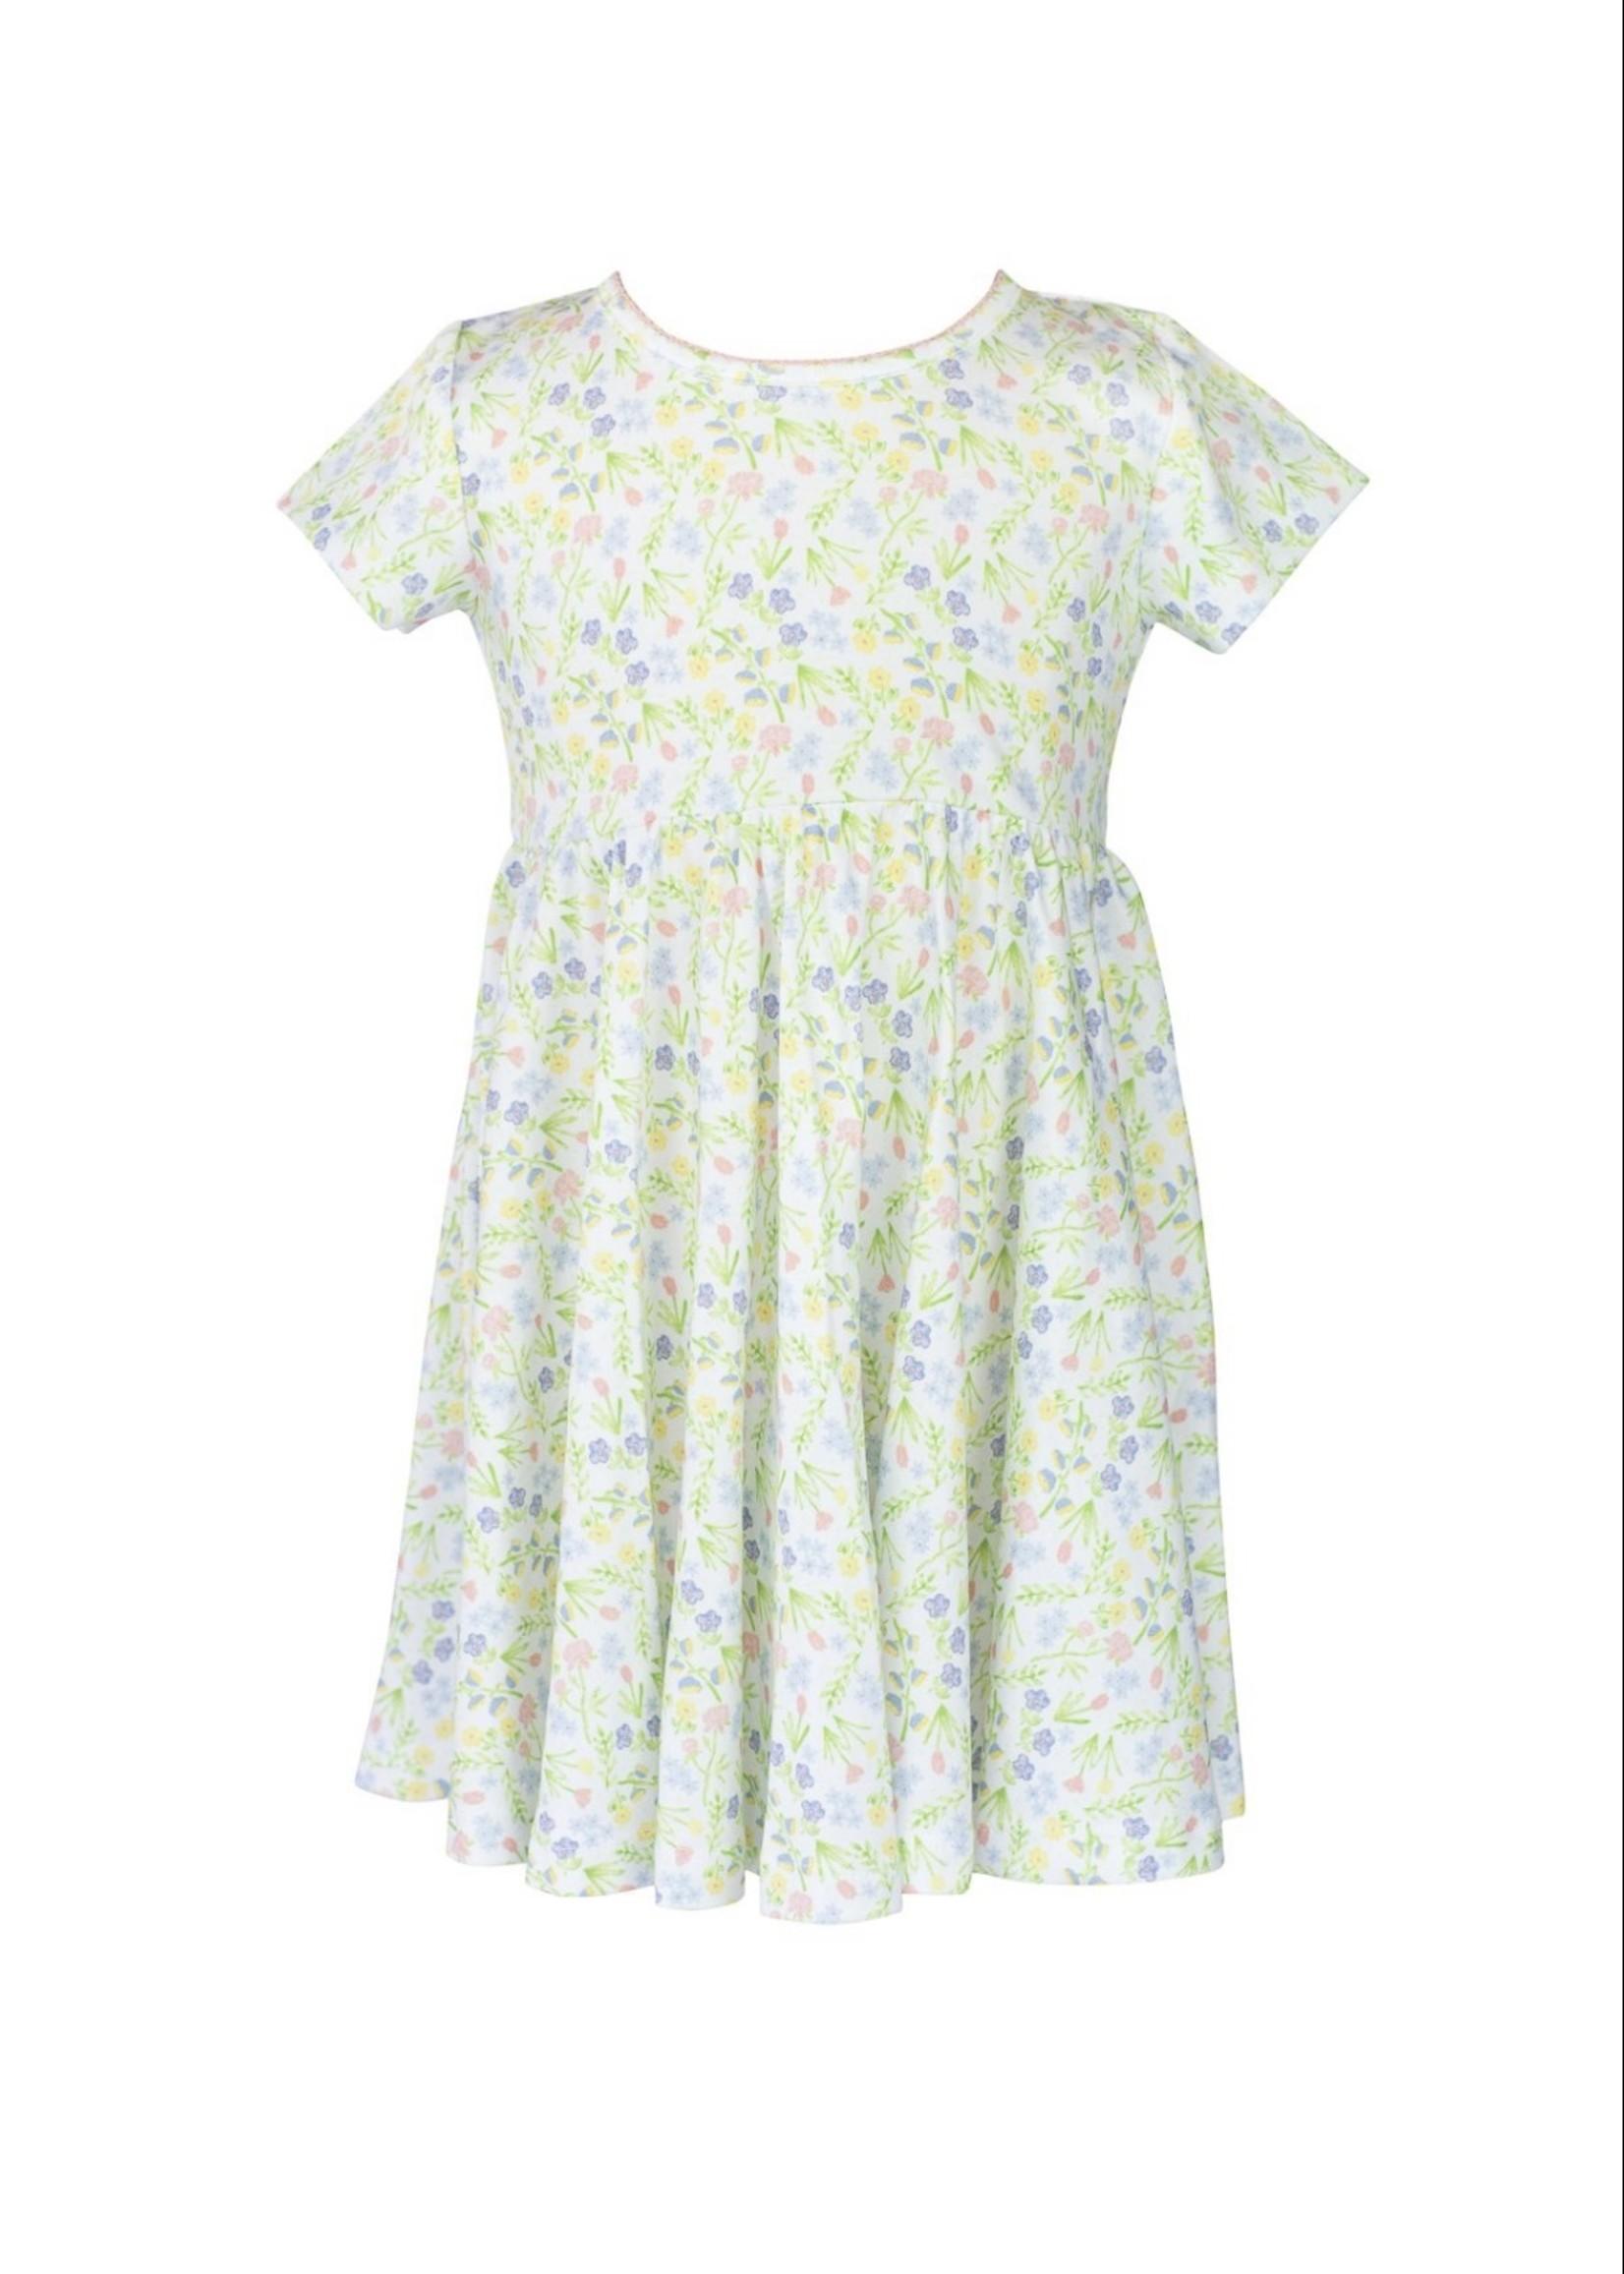 GARDEN FLORAL TWIRL DRESS